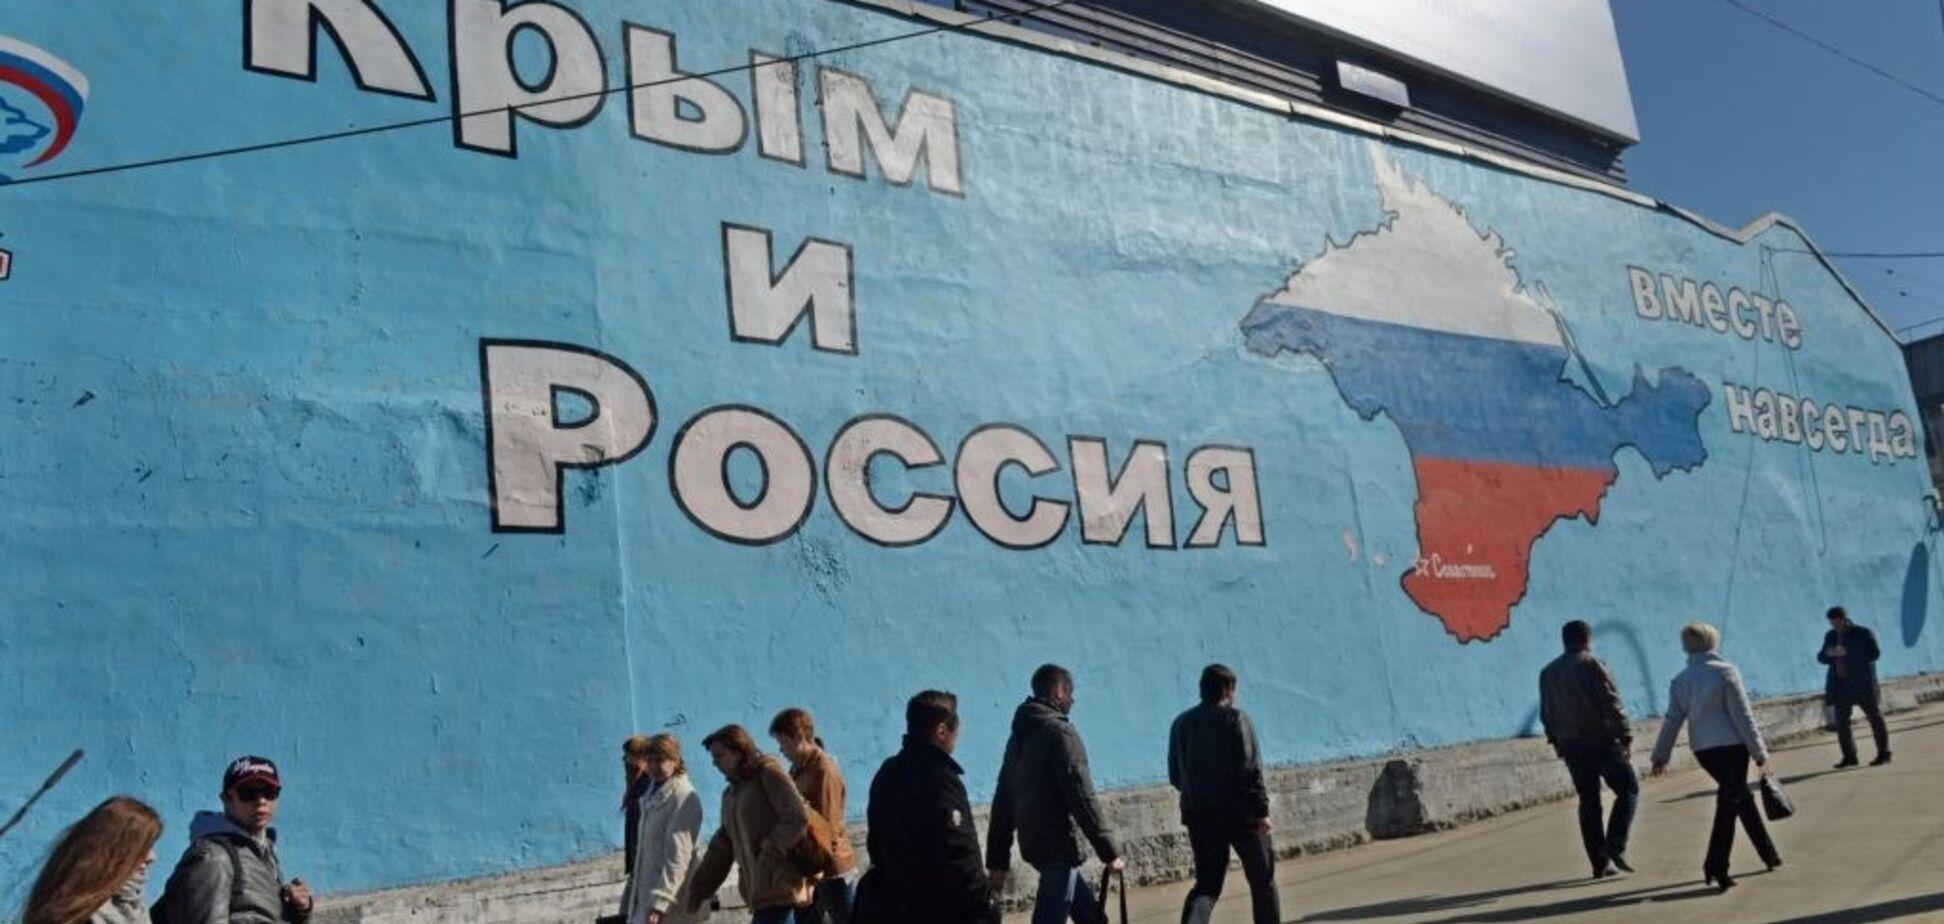 Суперечка про статус Криму: політик з РФ заявив про великий успіх України